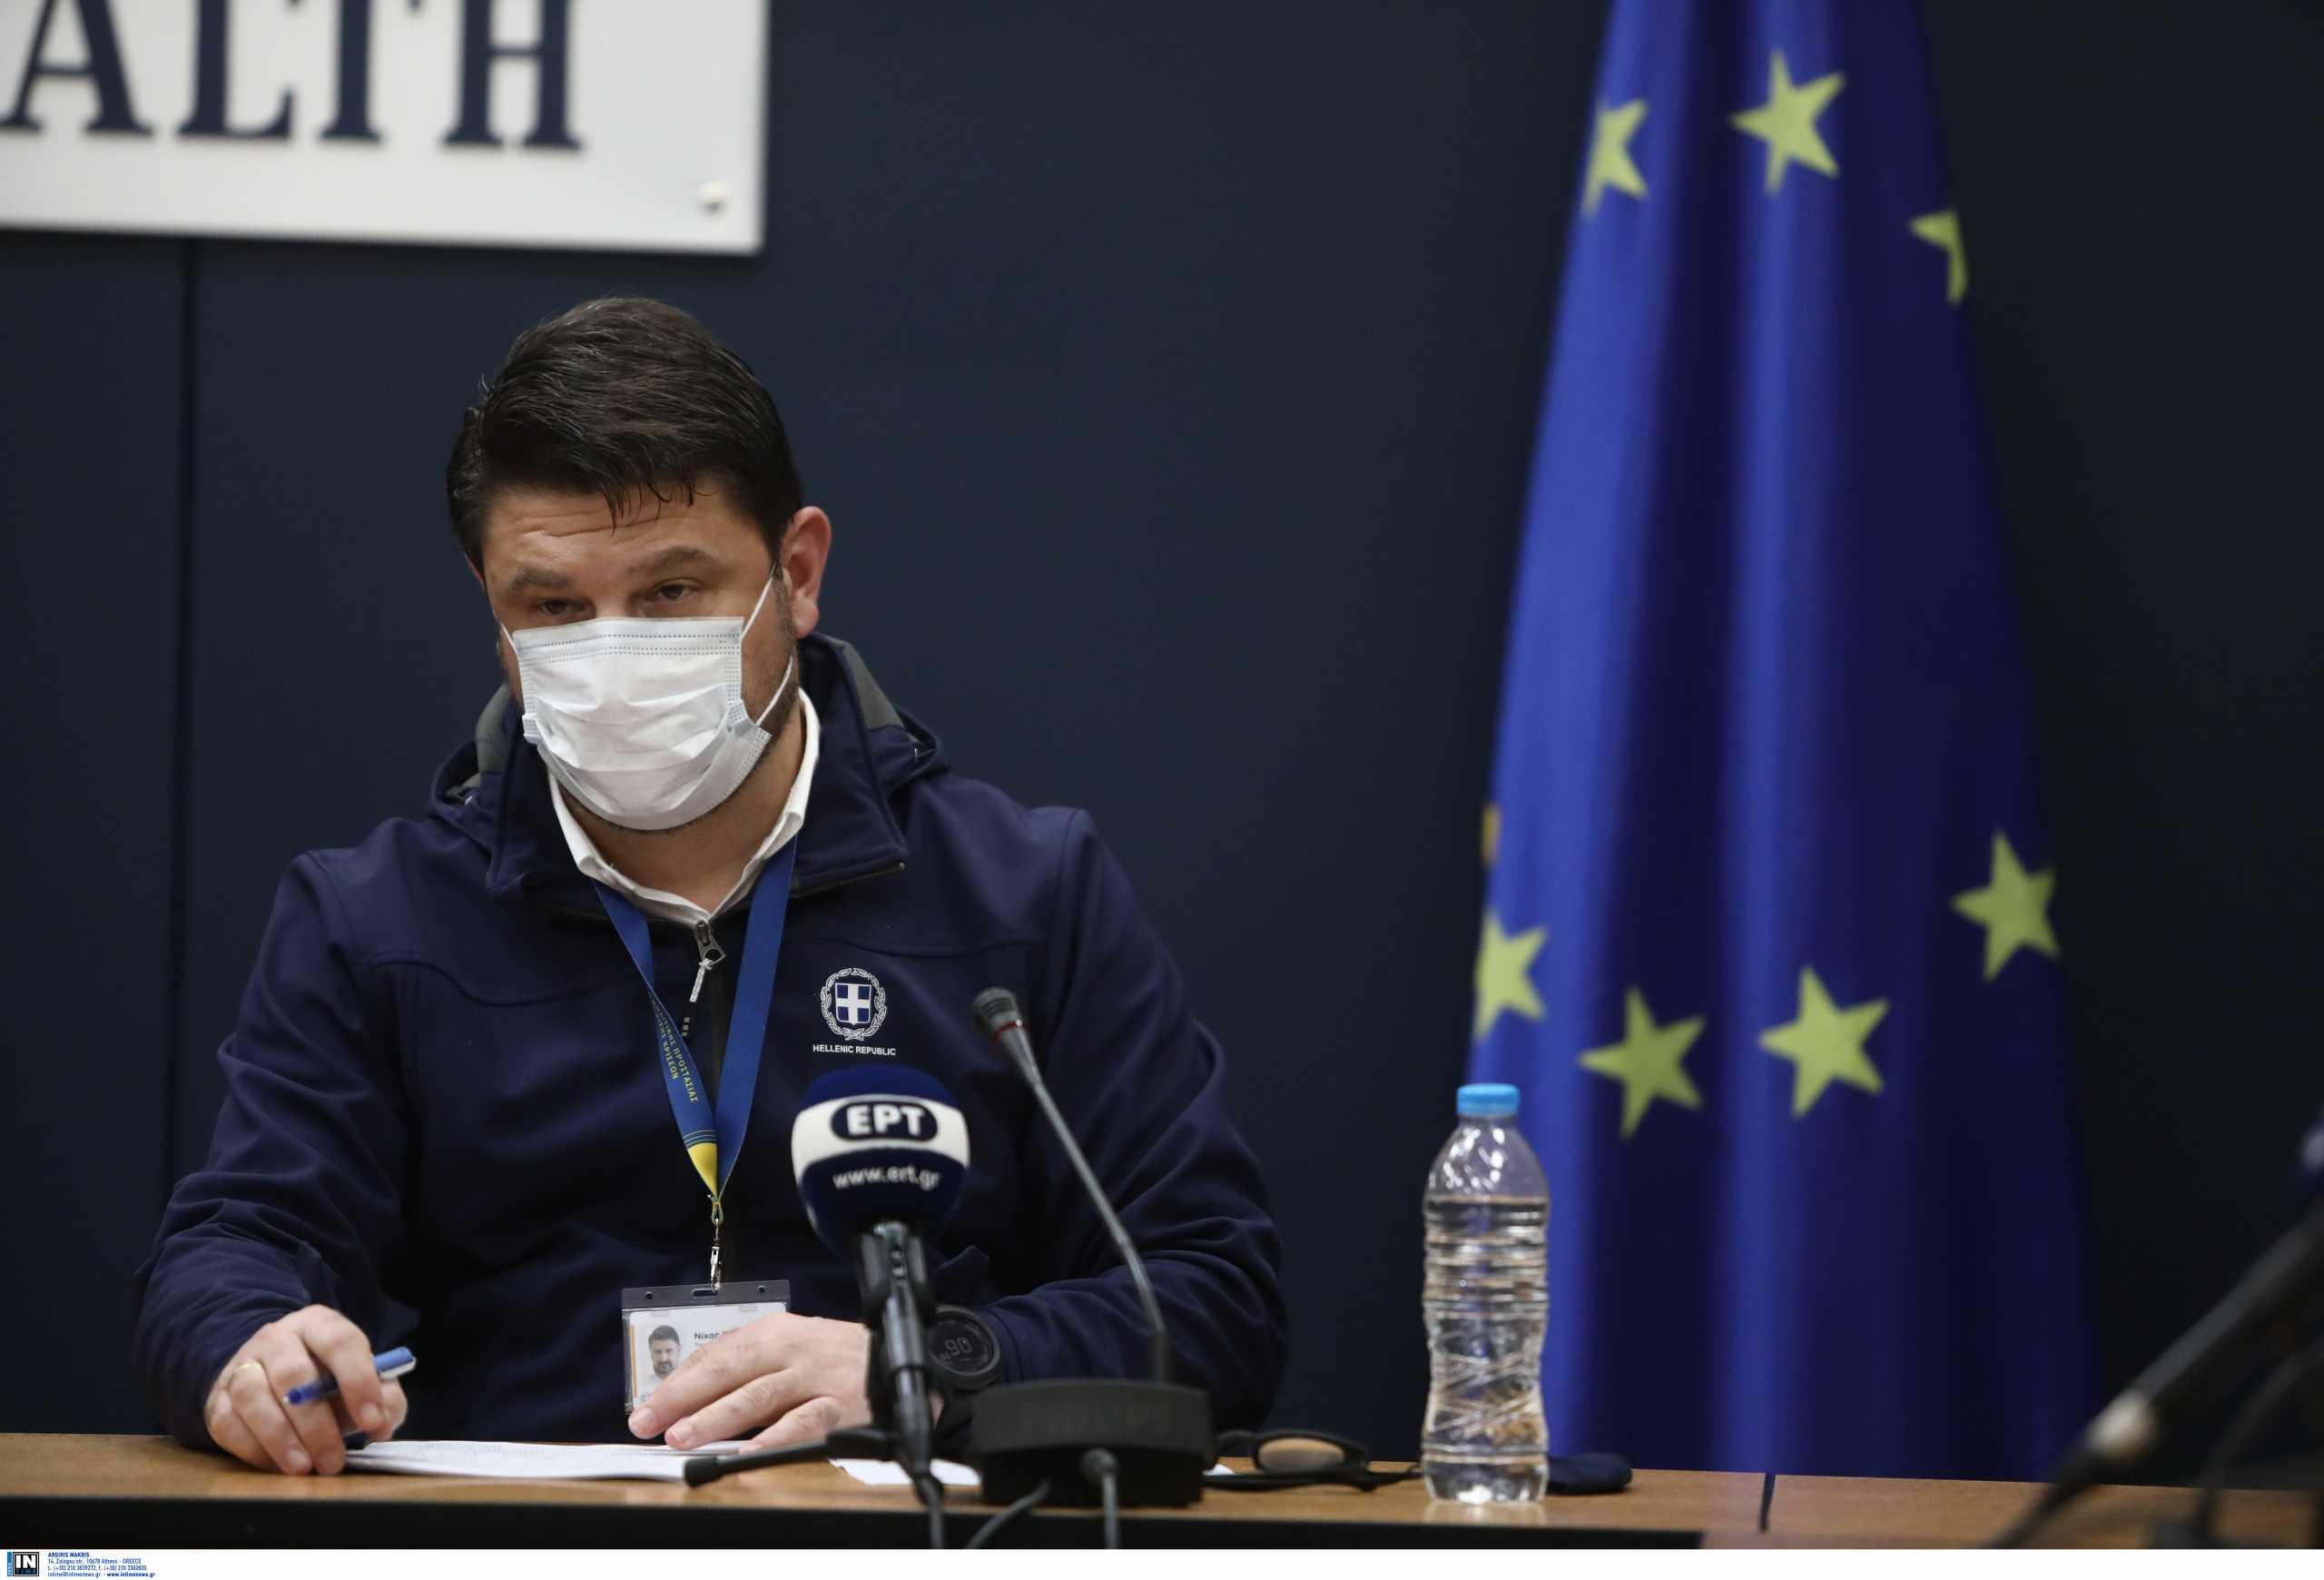 Κορονοϊός: Εμβολιάστηκε ο Νίκος Χαρδαλιάς